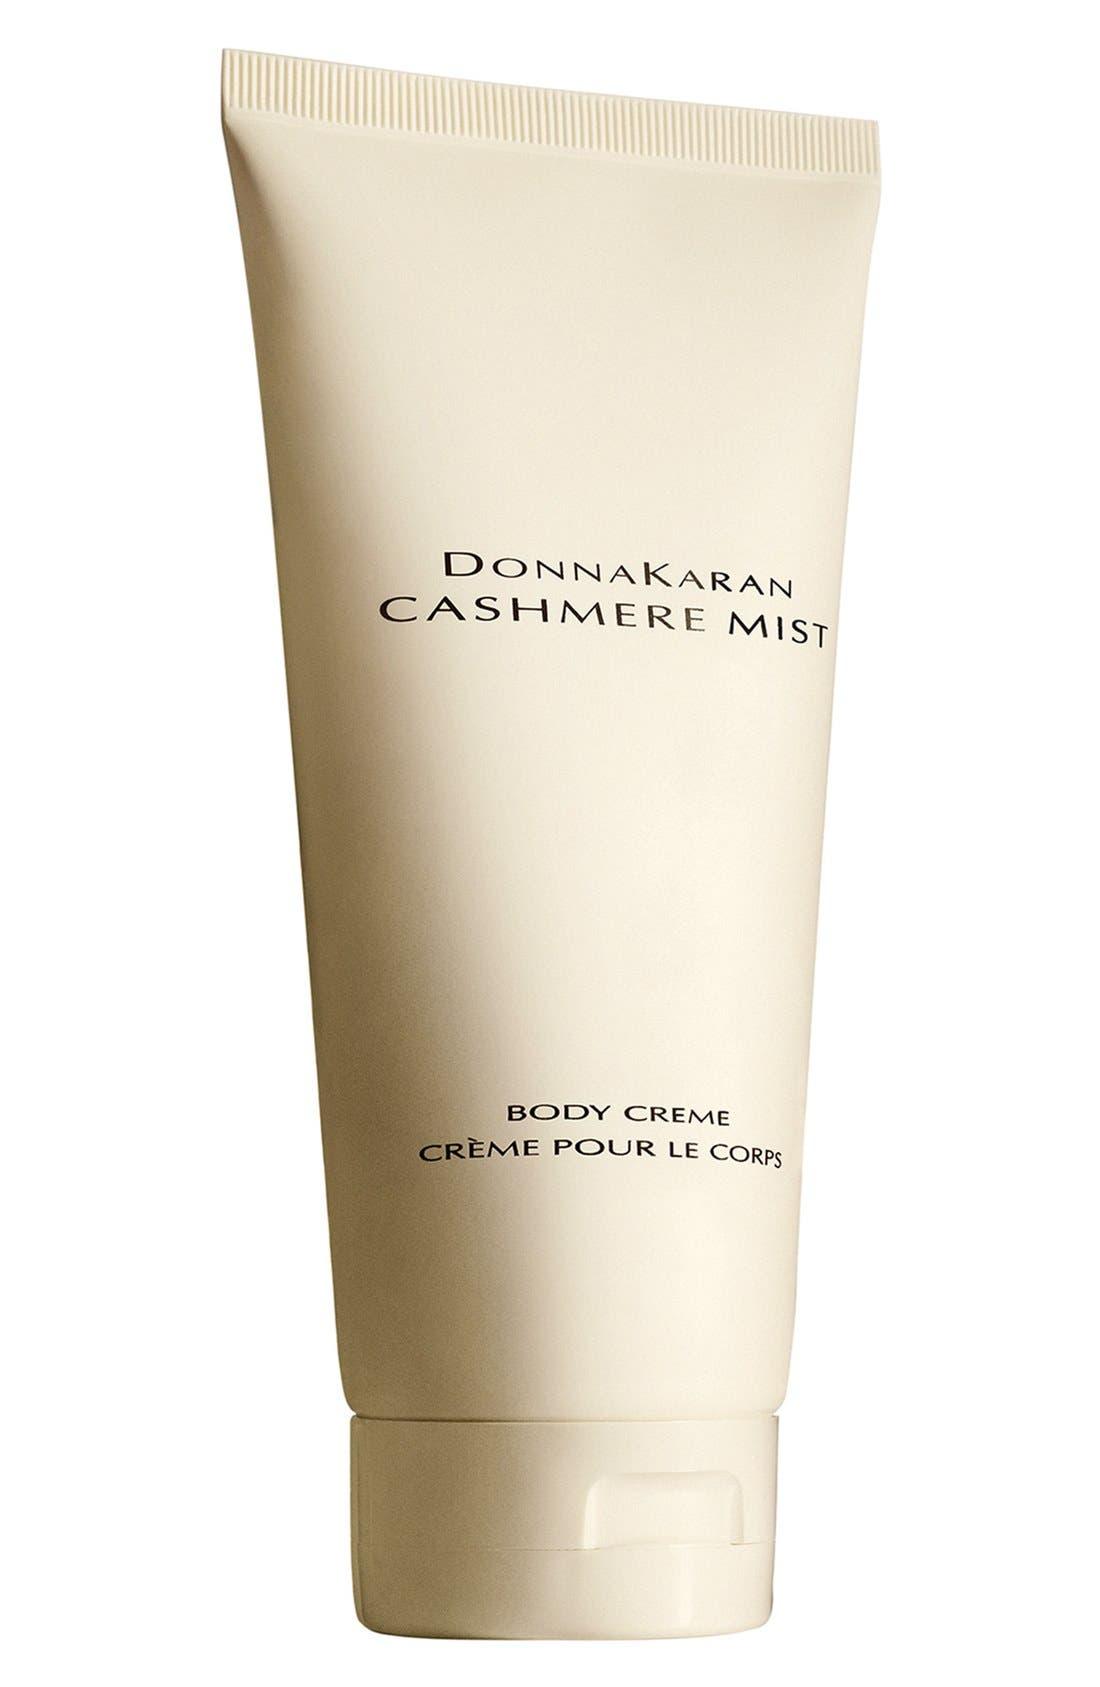 Donna Karan 'Cashmere Mist' Body Creme